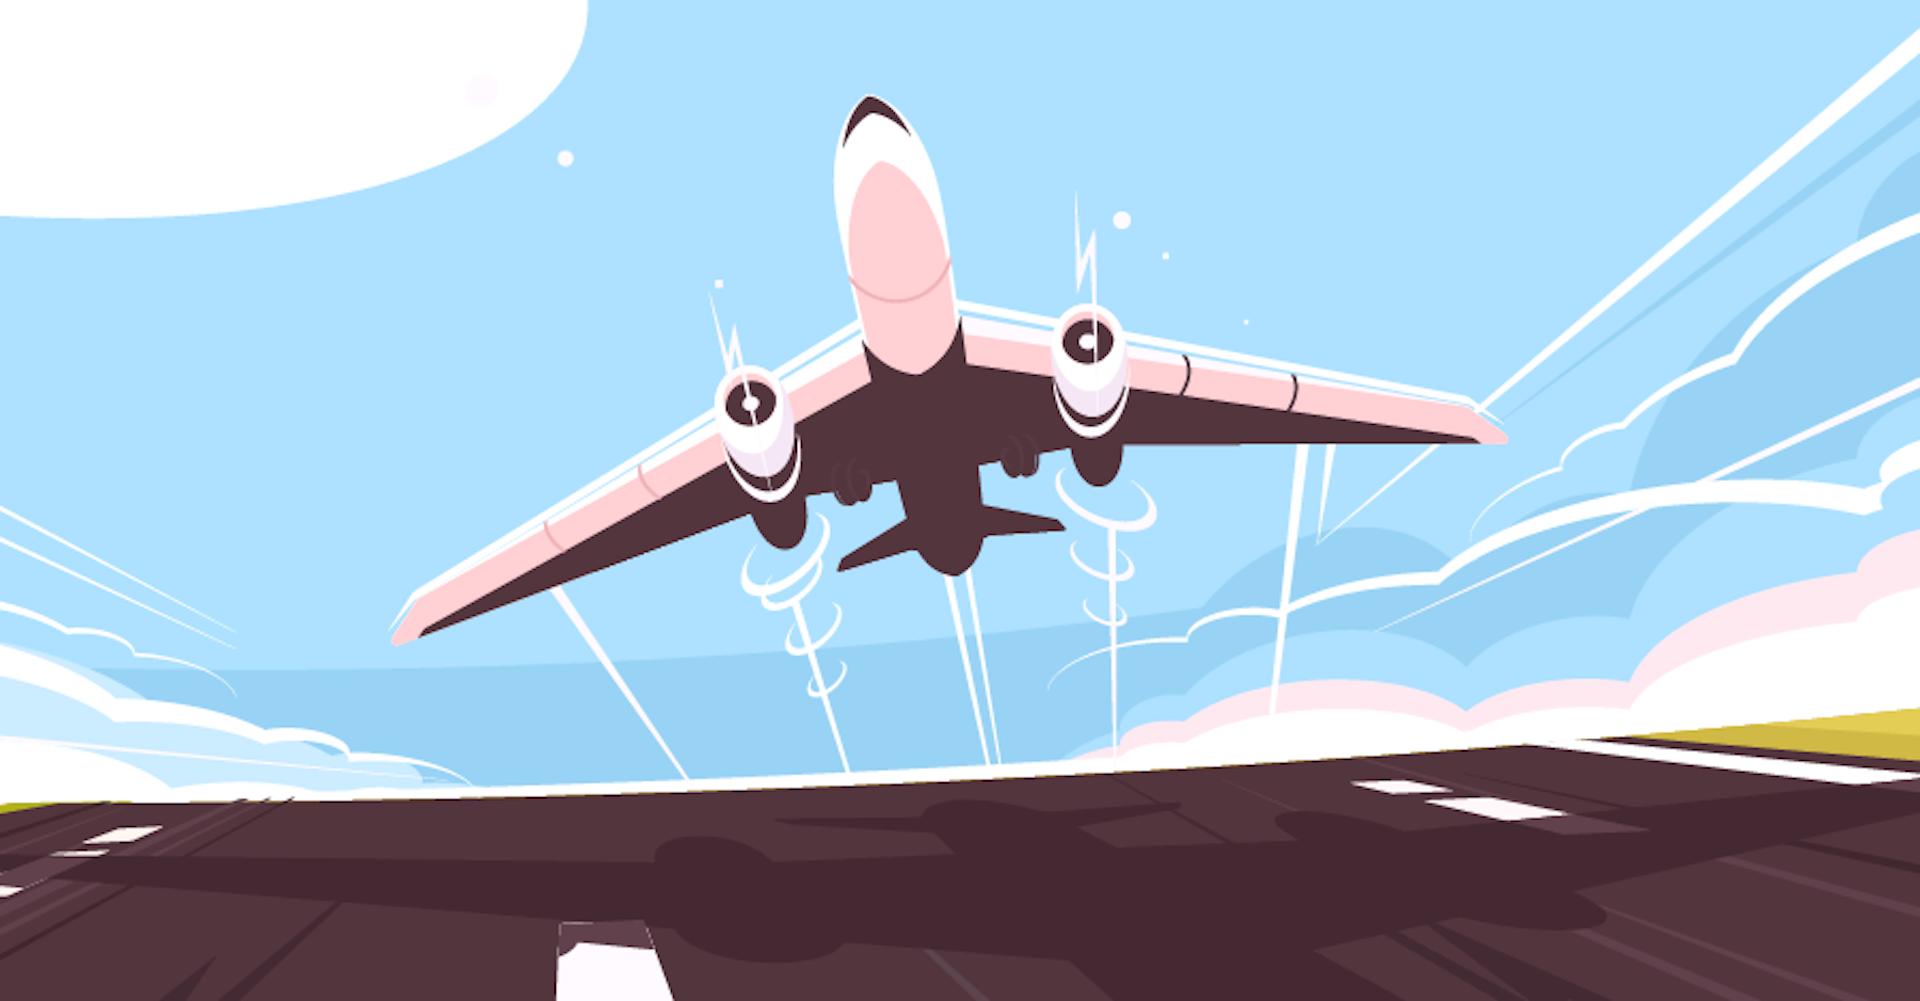 Una diferente manera para dar indicaciones en el avión